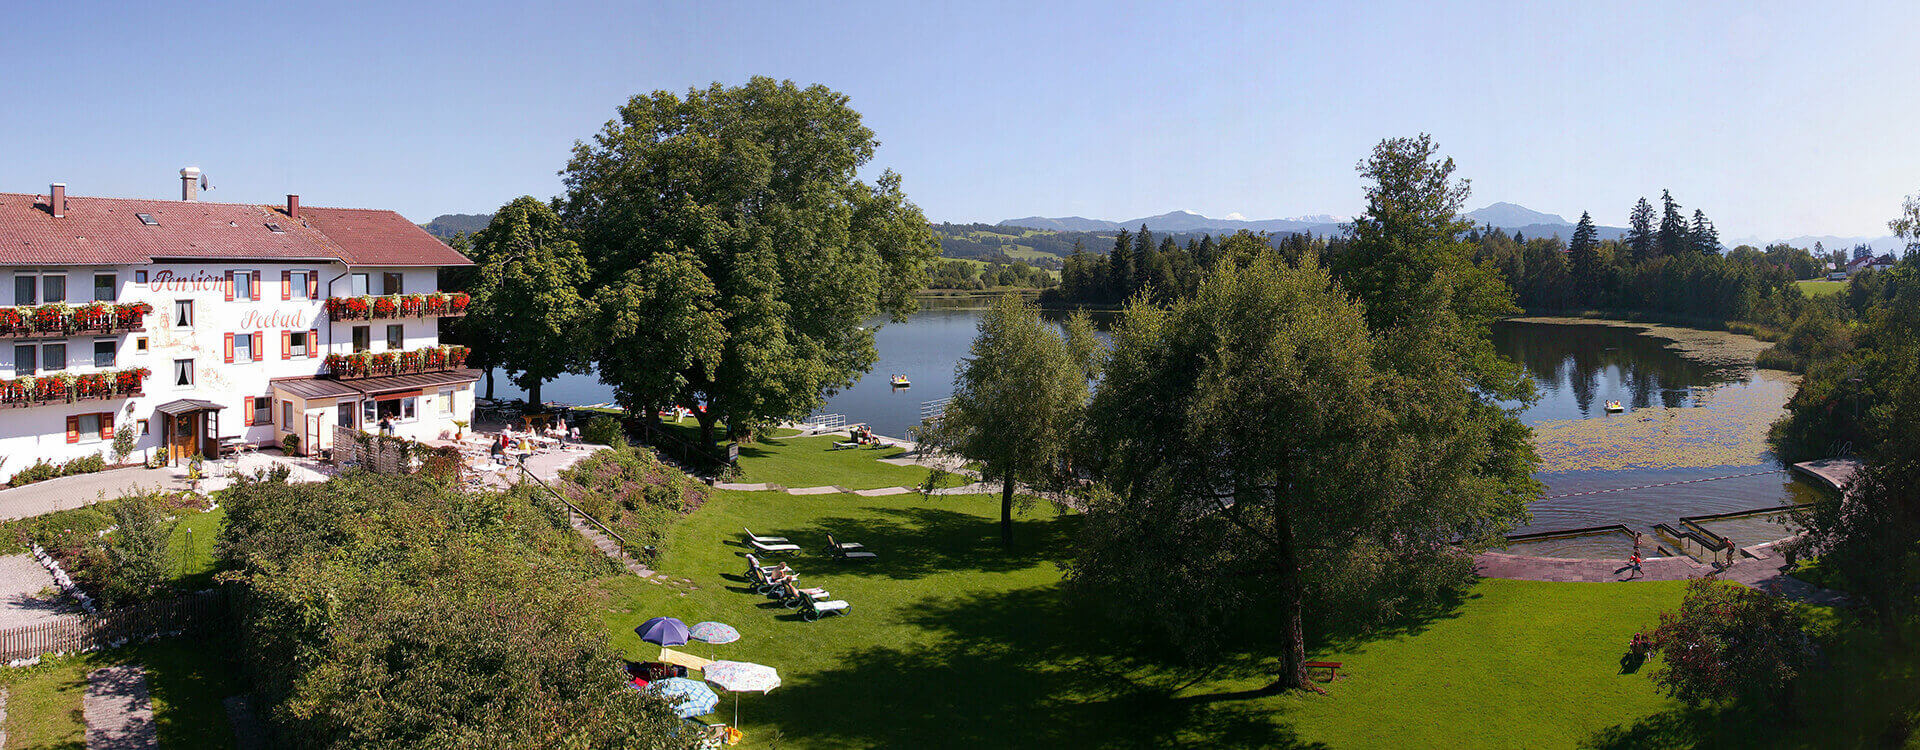 Pension Seebad in Sulzberg im Allgäu